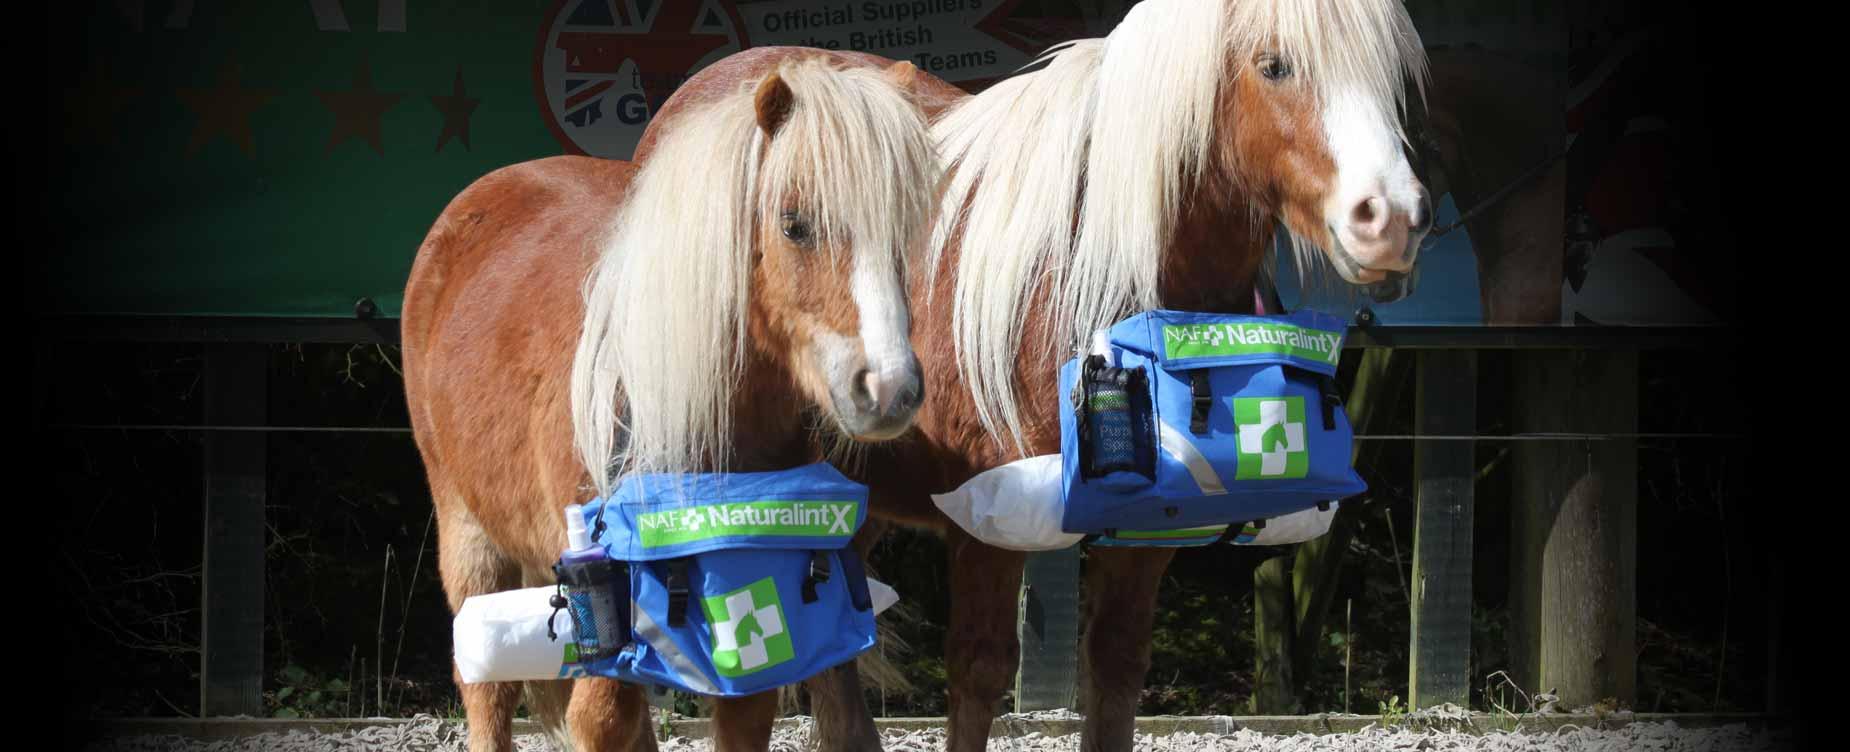 Ons doel is om op natuurlijke  wijze te zorgen voor uw paard